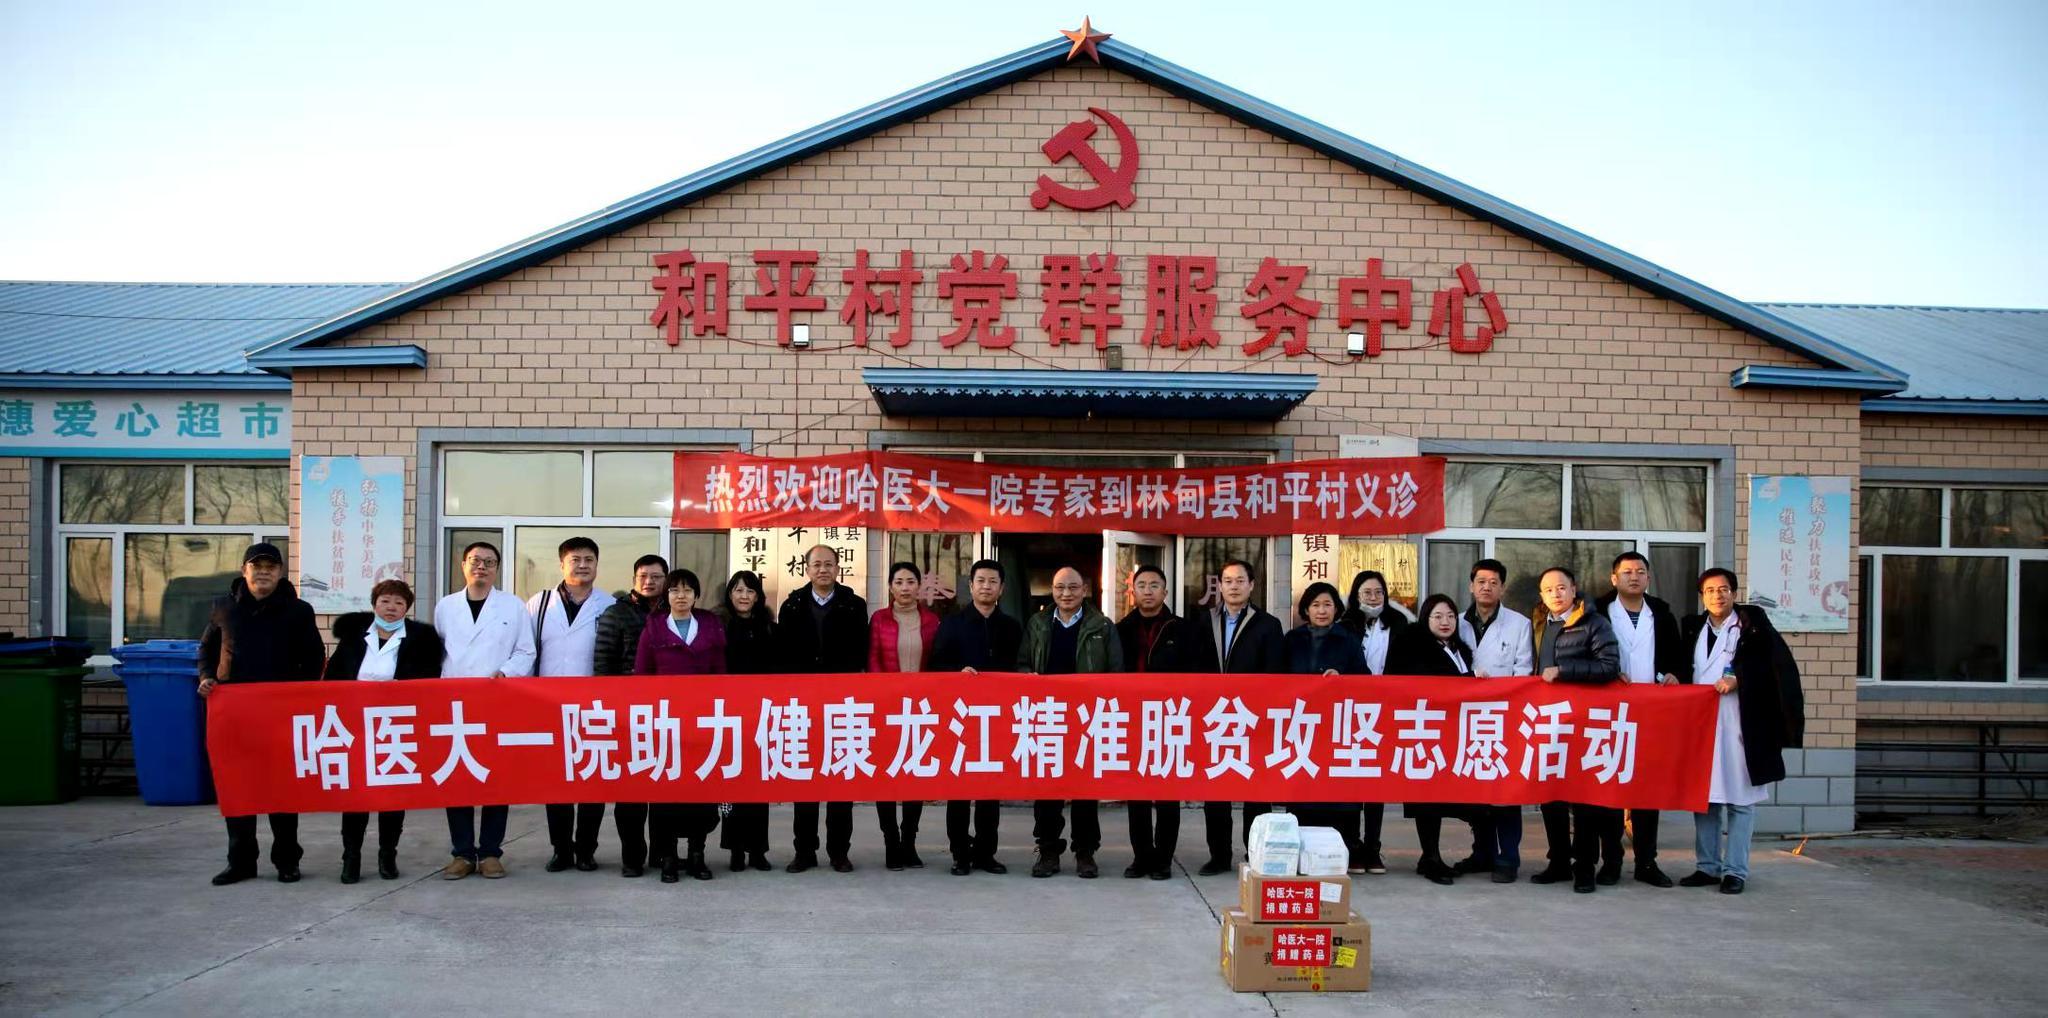 黑龙江:城市医疗队扶贫义诊走进老乡家